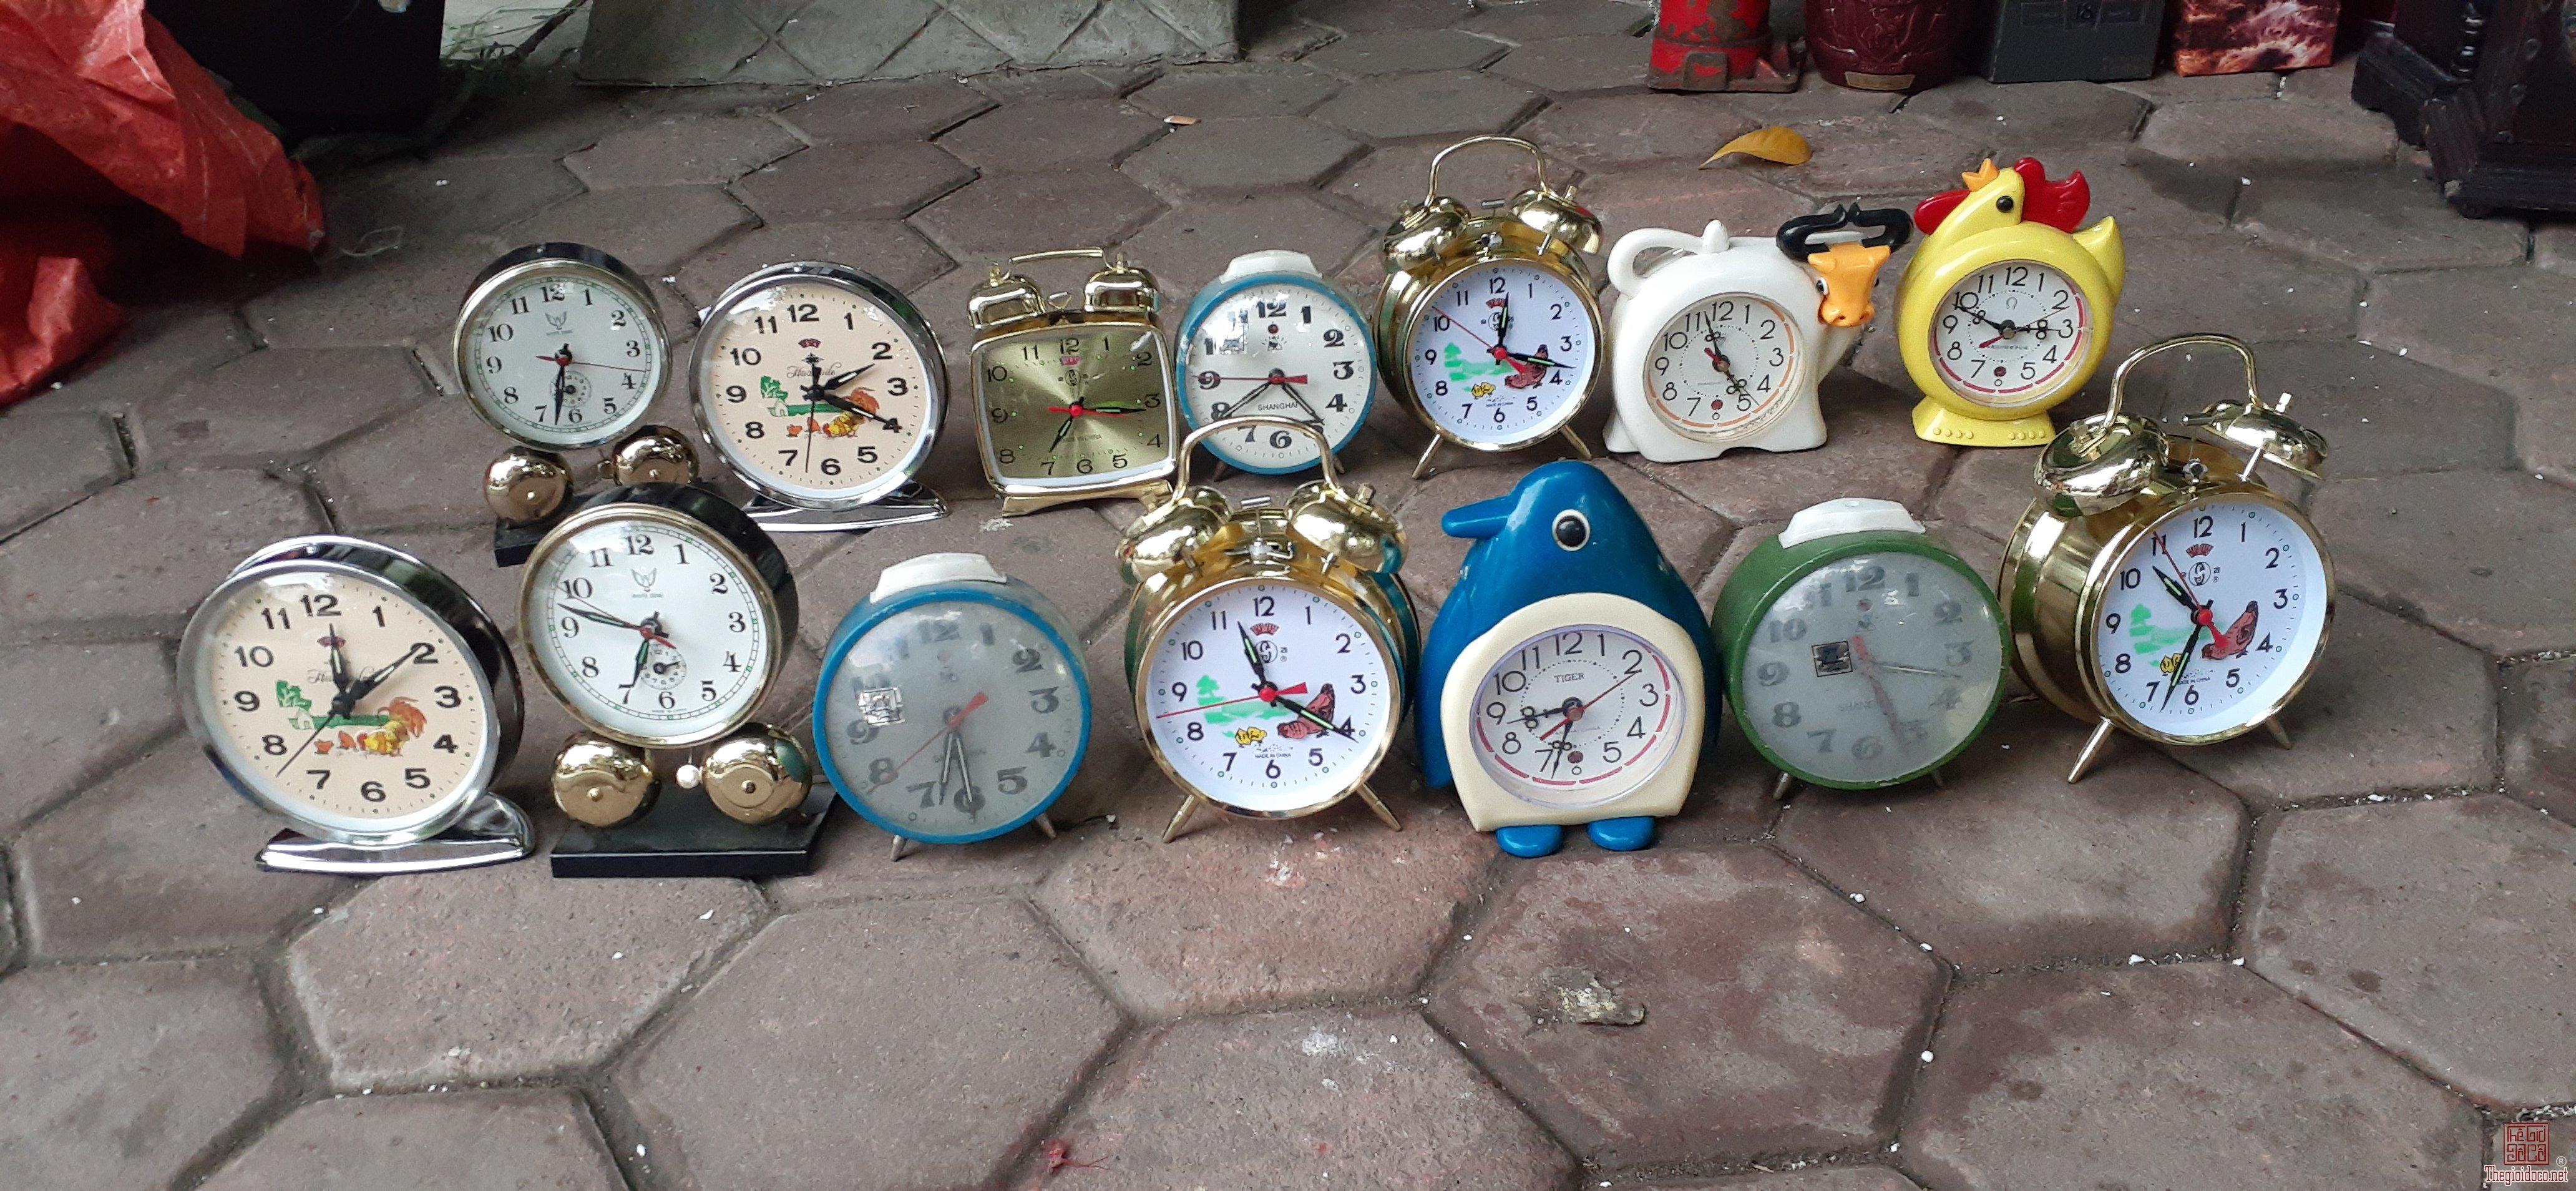 Thanh lí 14 đồng hồ chạy cót sài tốt ha 3trieu500   bao sip 14x250k  = 3.500.000đ  bao sip Lỗ nặng